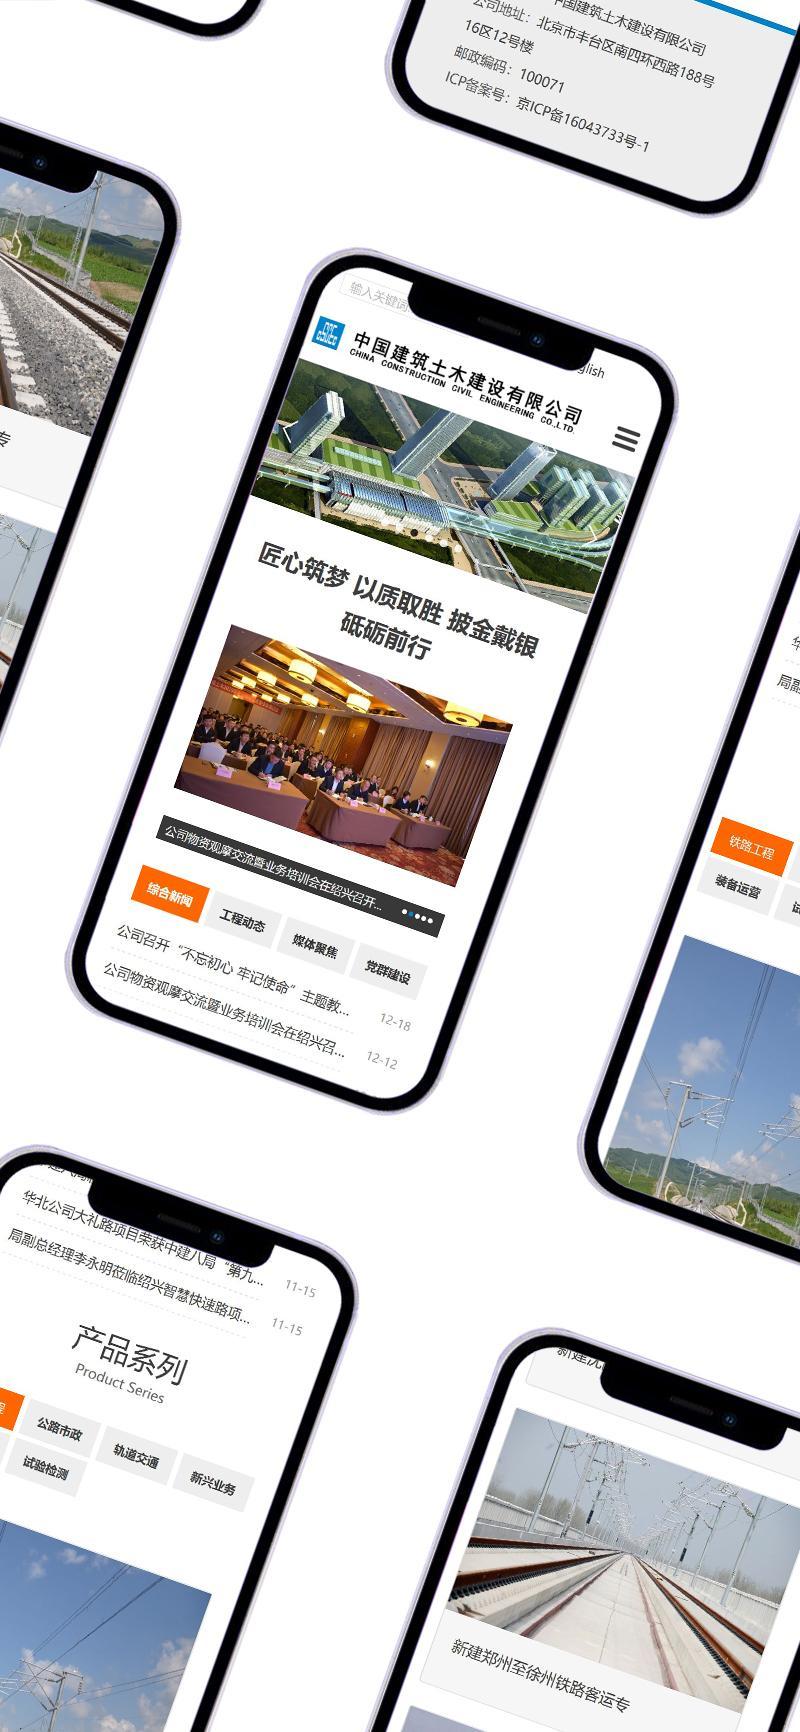 中国建筑土木建设有限公司,济南网站建设